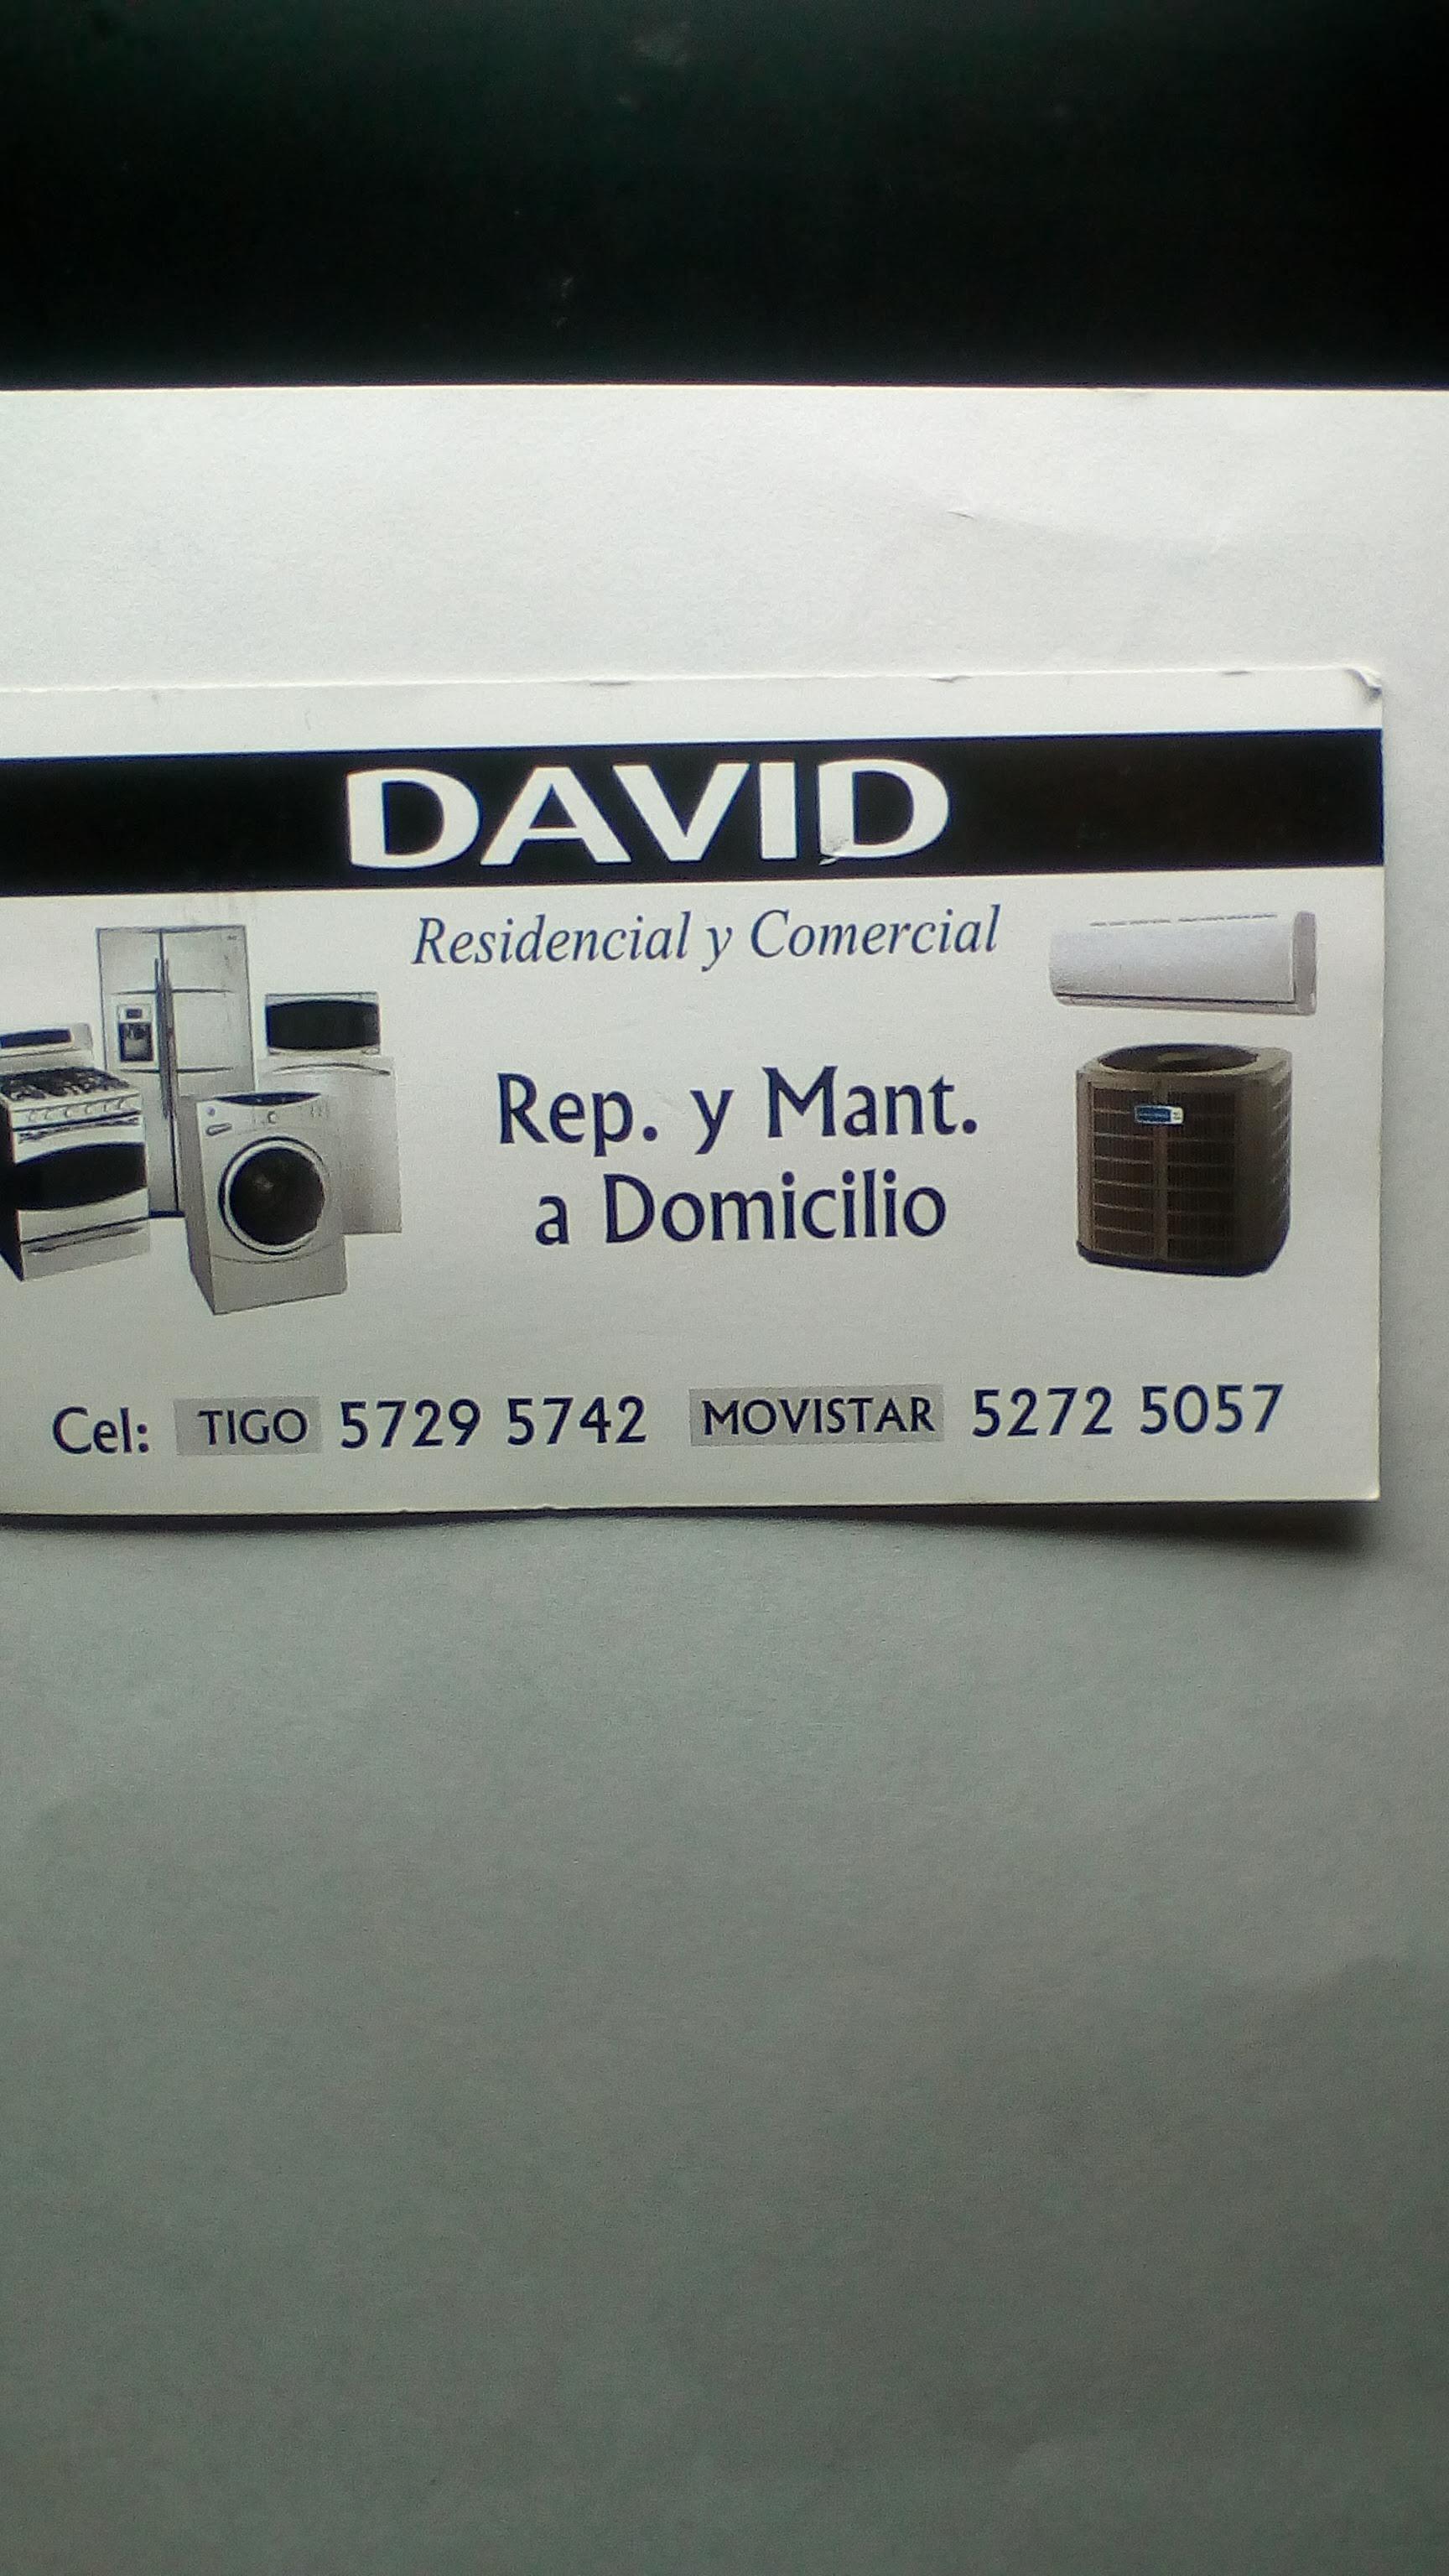 DAVID'S Refrigeracion y Aire Acondicionado,